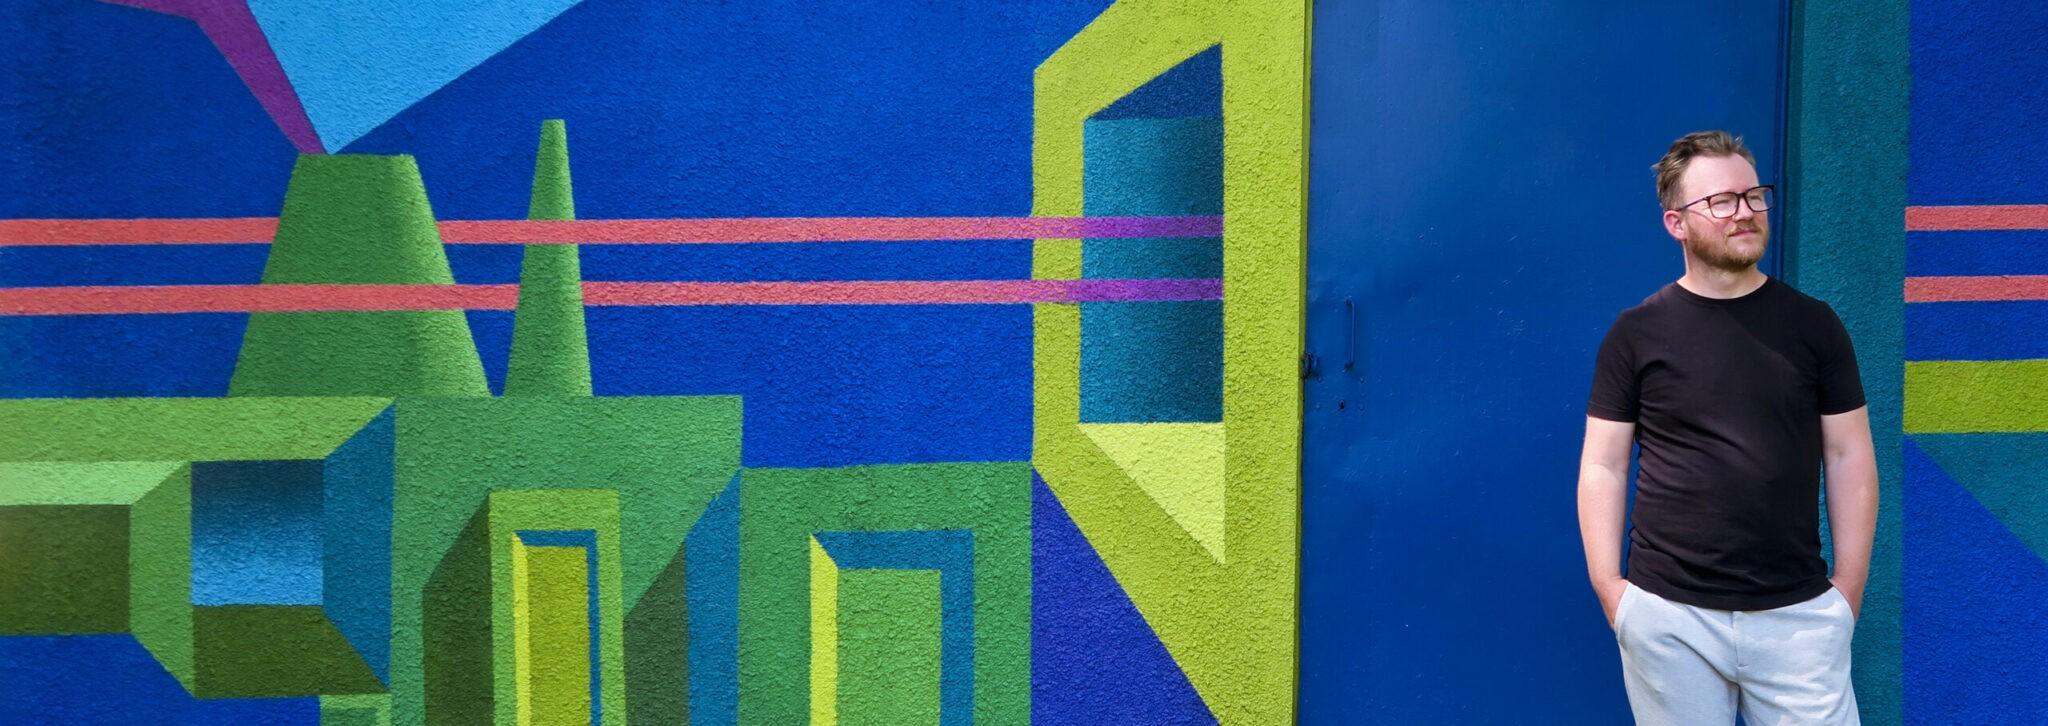 """Dariusz Milczarek na tle muralu """"Tauron-nowa energia"""""""